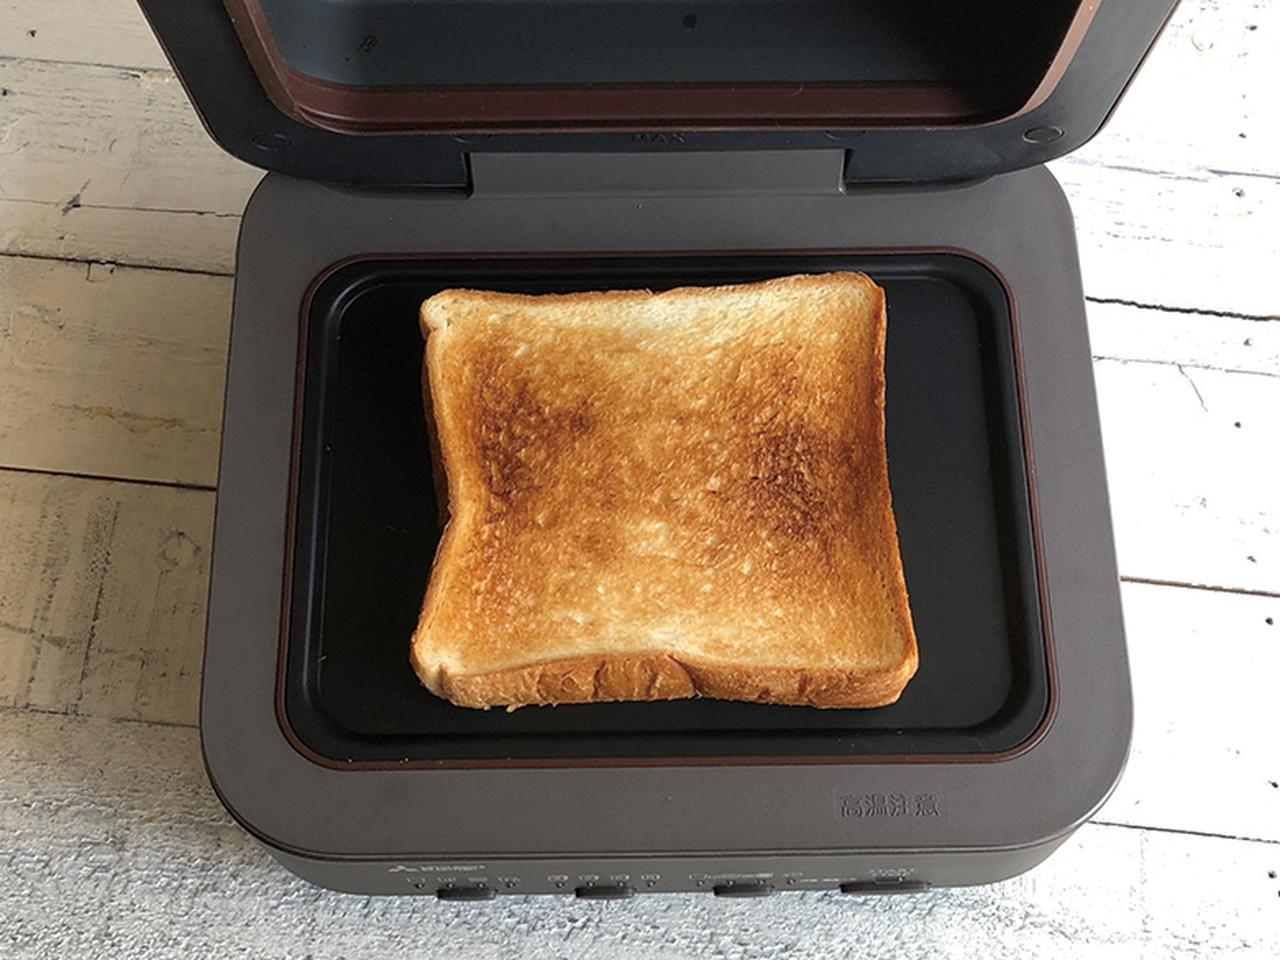 画像2: 食パン専用オーブン「三菱ブレッドオーブン」をテスト!絶品フレンチトーストも焼ける